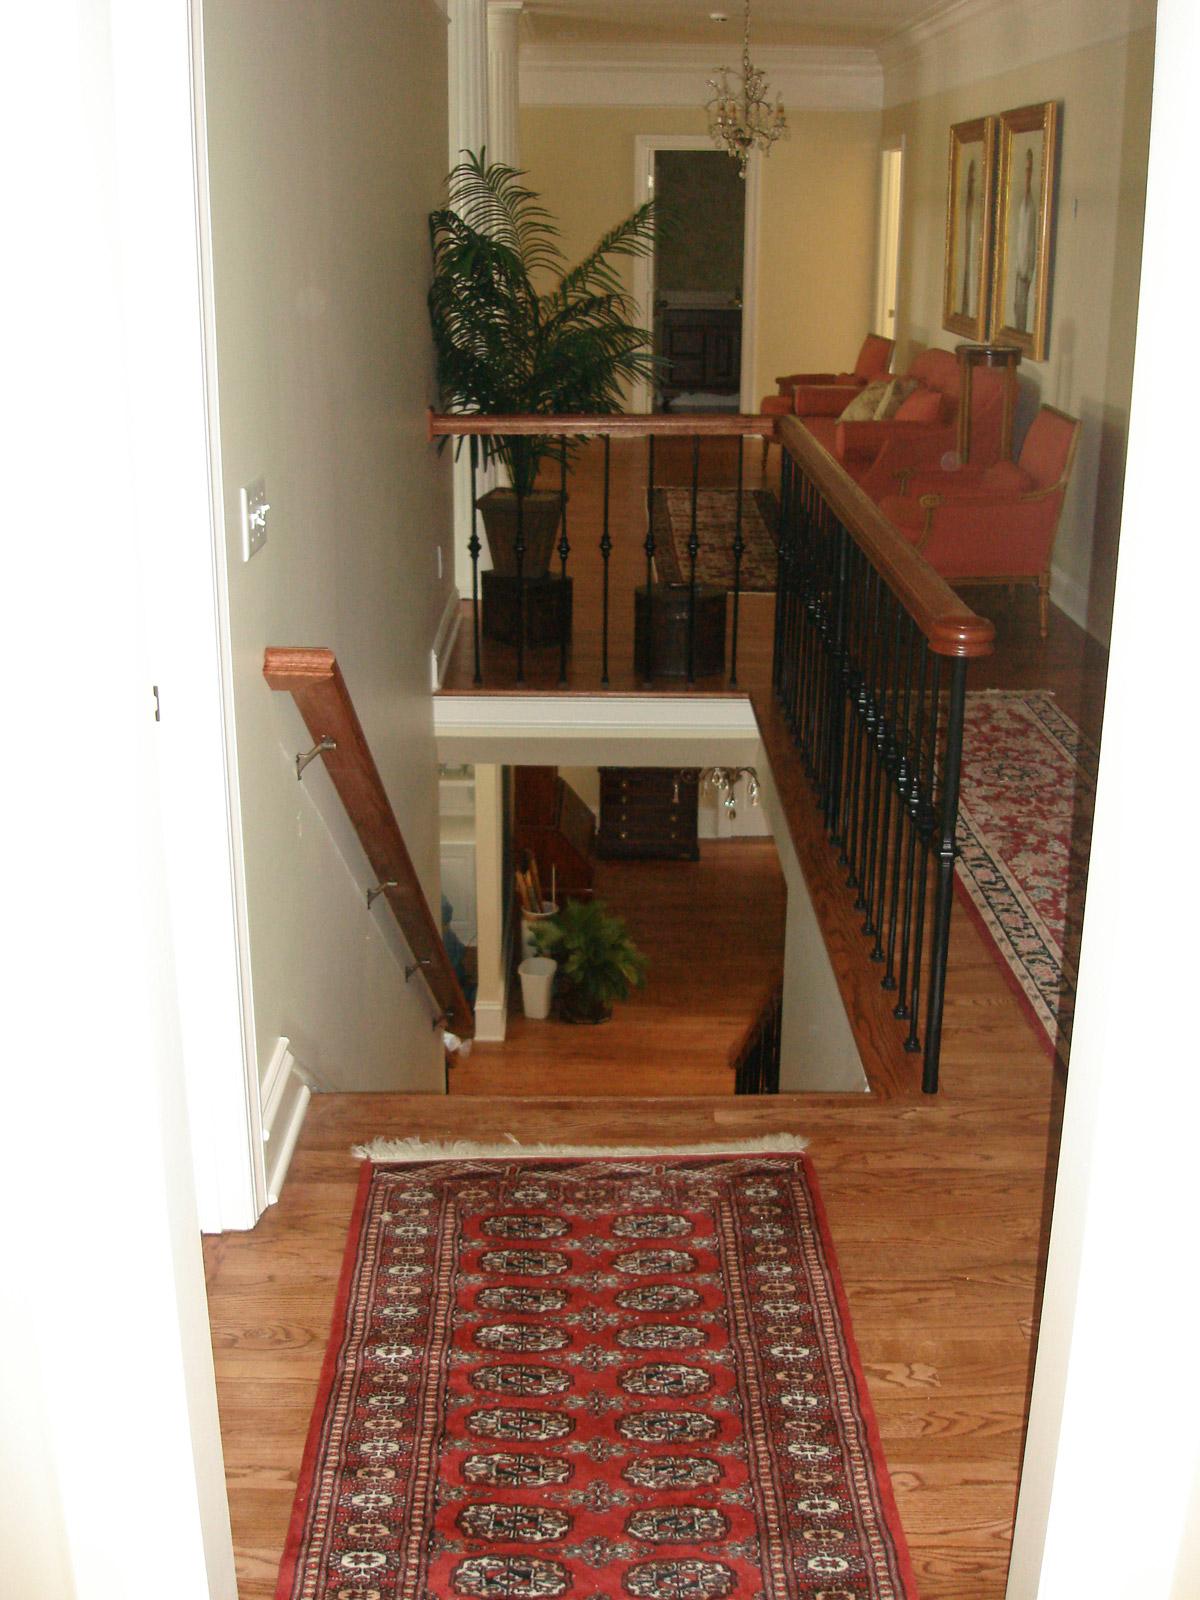 WOCC-ResidenceLivingston3_18.jpg